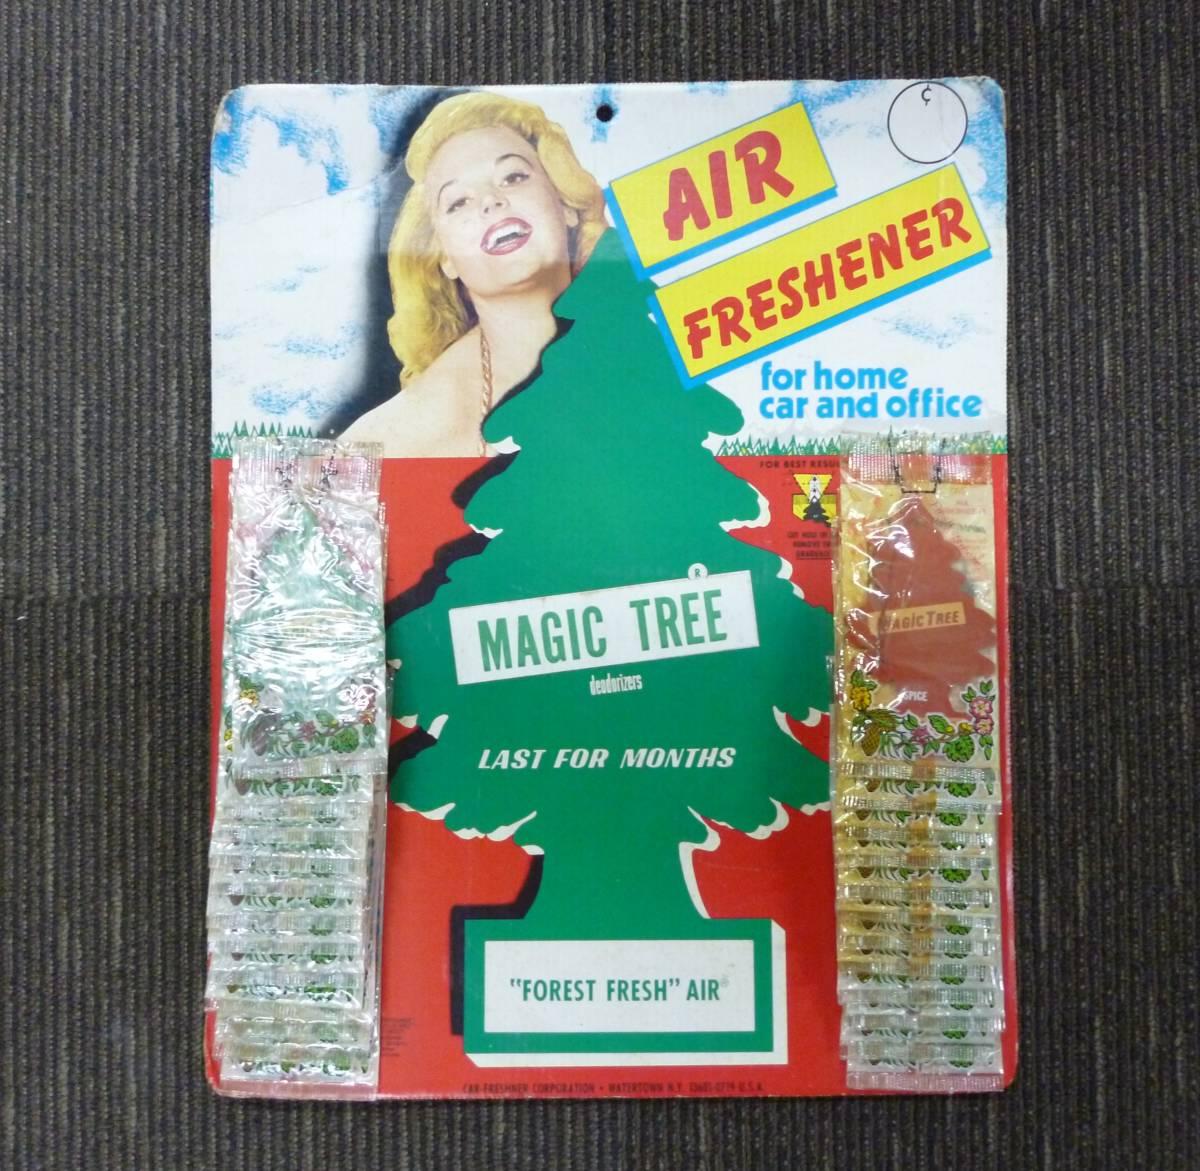 ビンテージ激レア廃盤Little treesリトルツリーMagic treesマジックツリーローライダーインパラキャデリンカーンモンテカプリスハイドロ_画像1